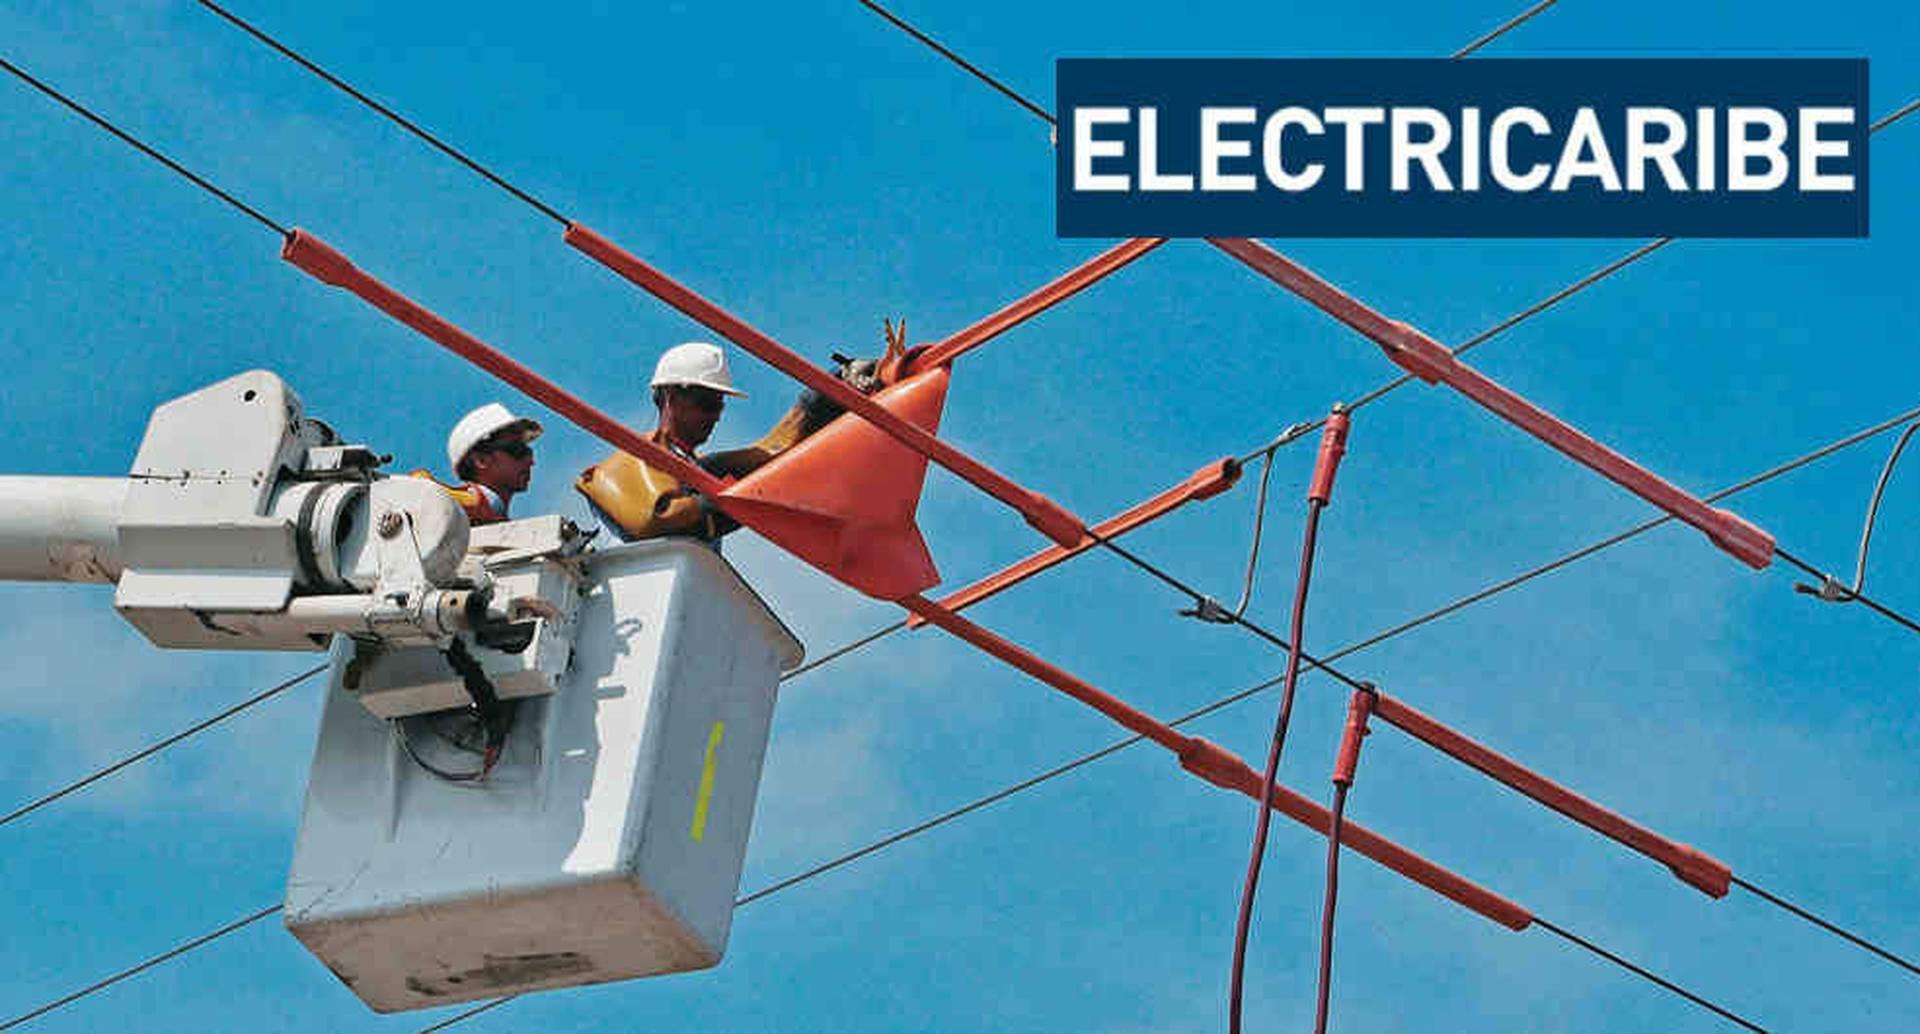 El 20 de marzo se haría la subasta de los activos de Electricaribe.